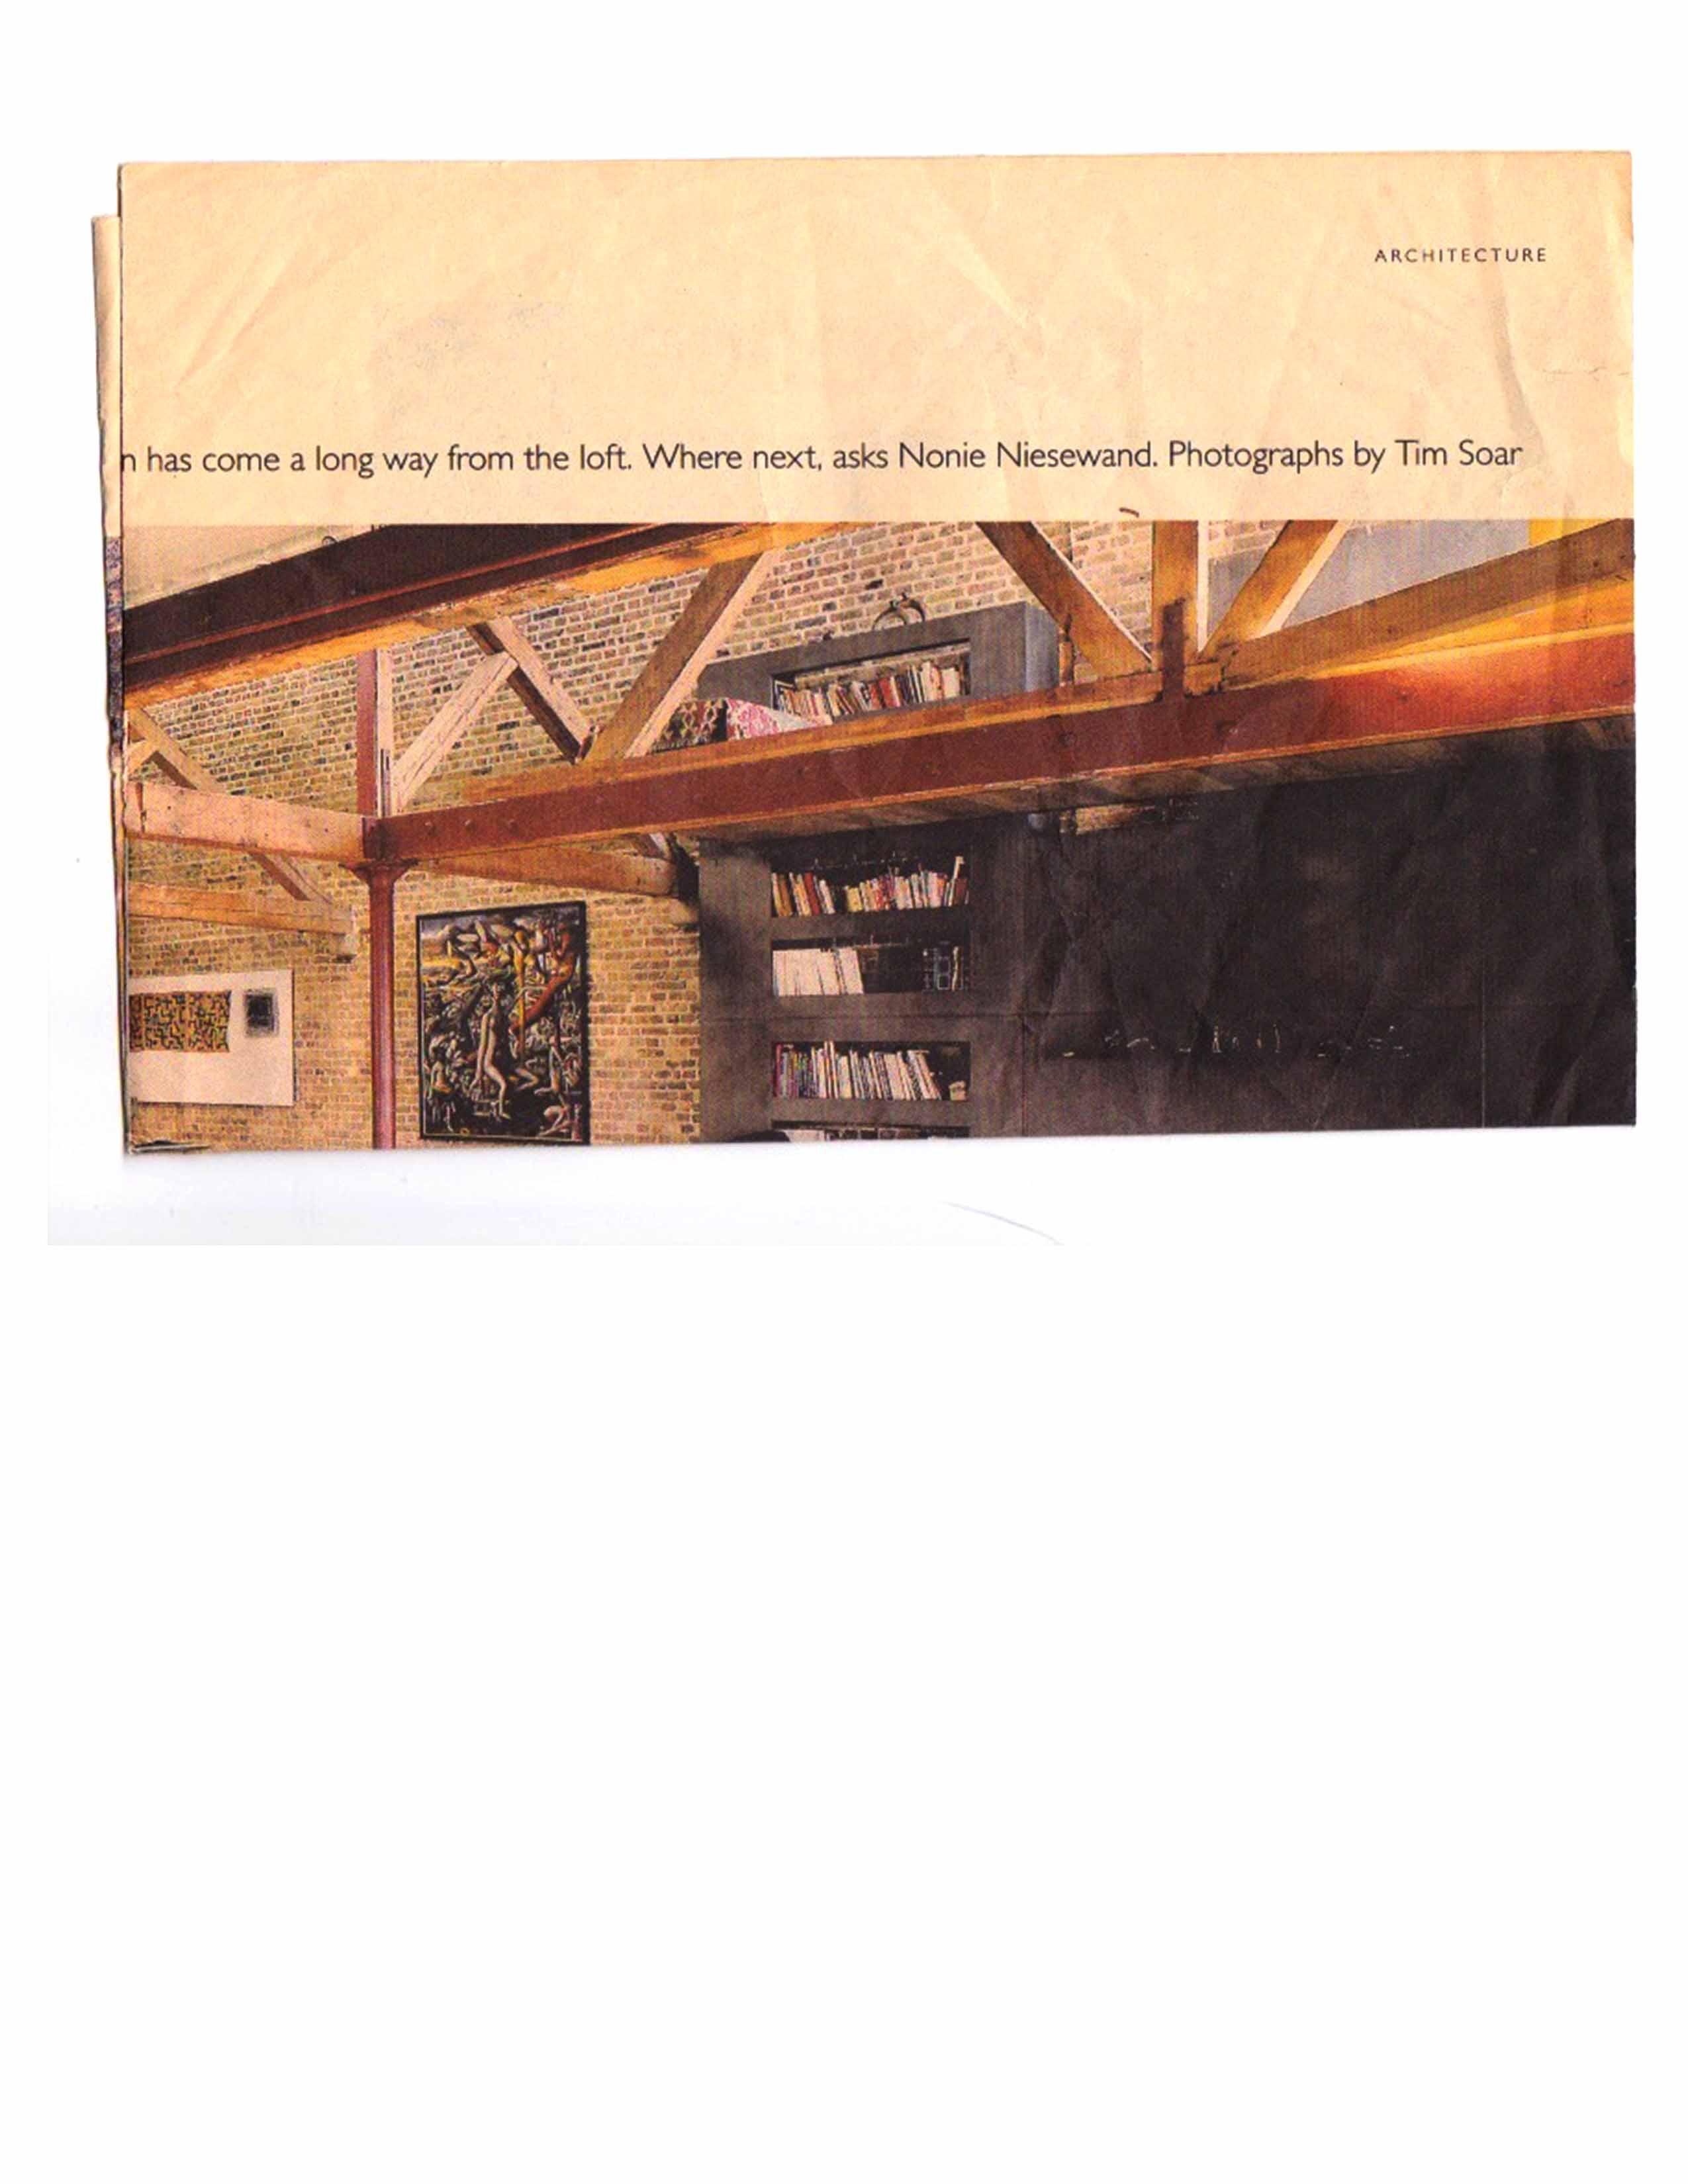 13 Architecture paul-storey-reviews-loft